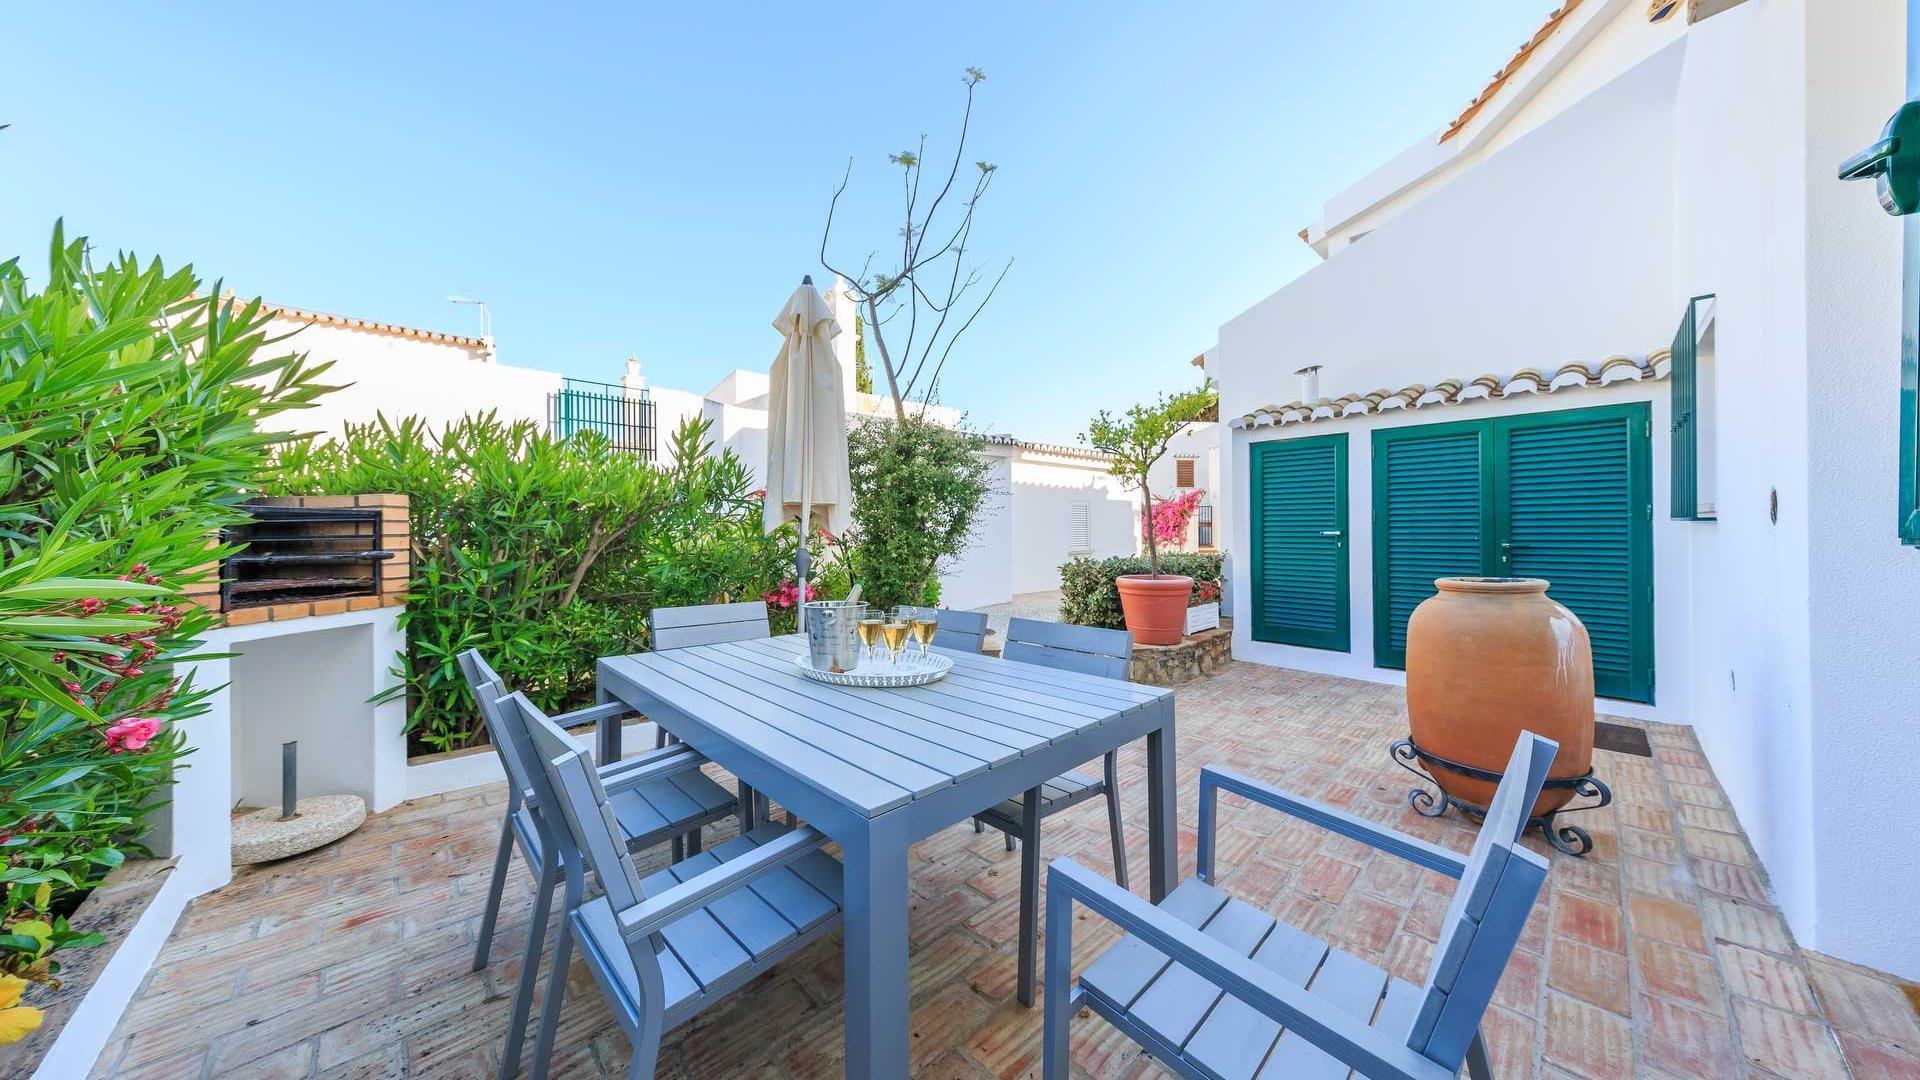 Casa Camellia - Vale do Lobo, Algarve - Casa_Camellia_33.jpg